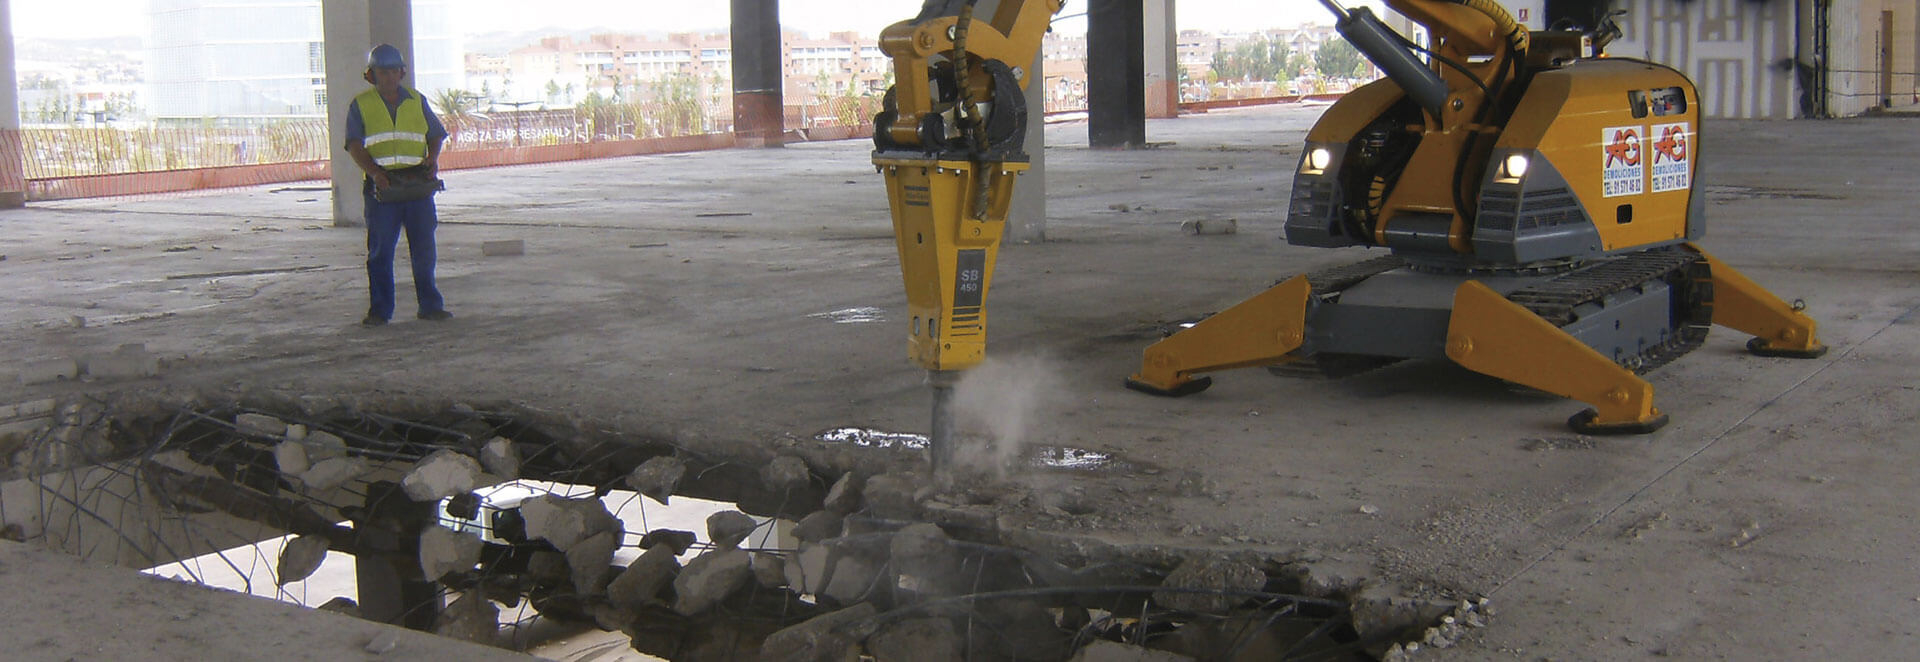 Demoliciones - Empresa de demoliciones - AG Construcciones